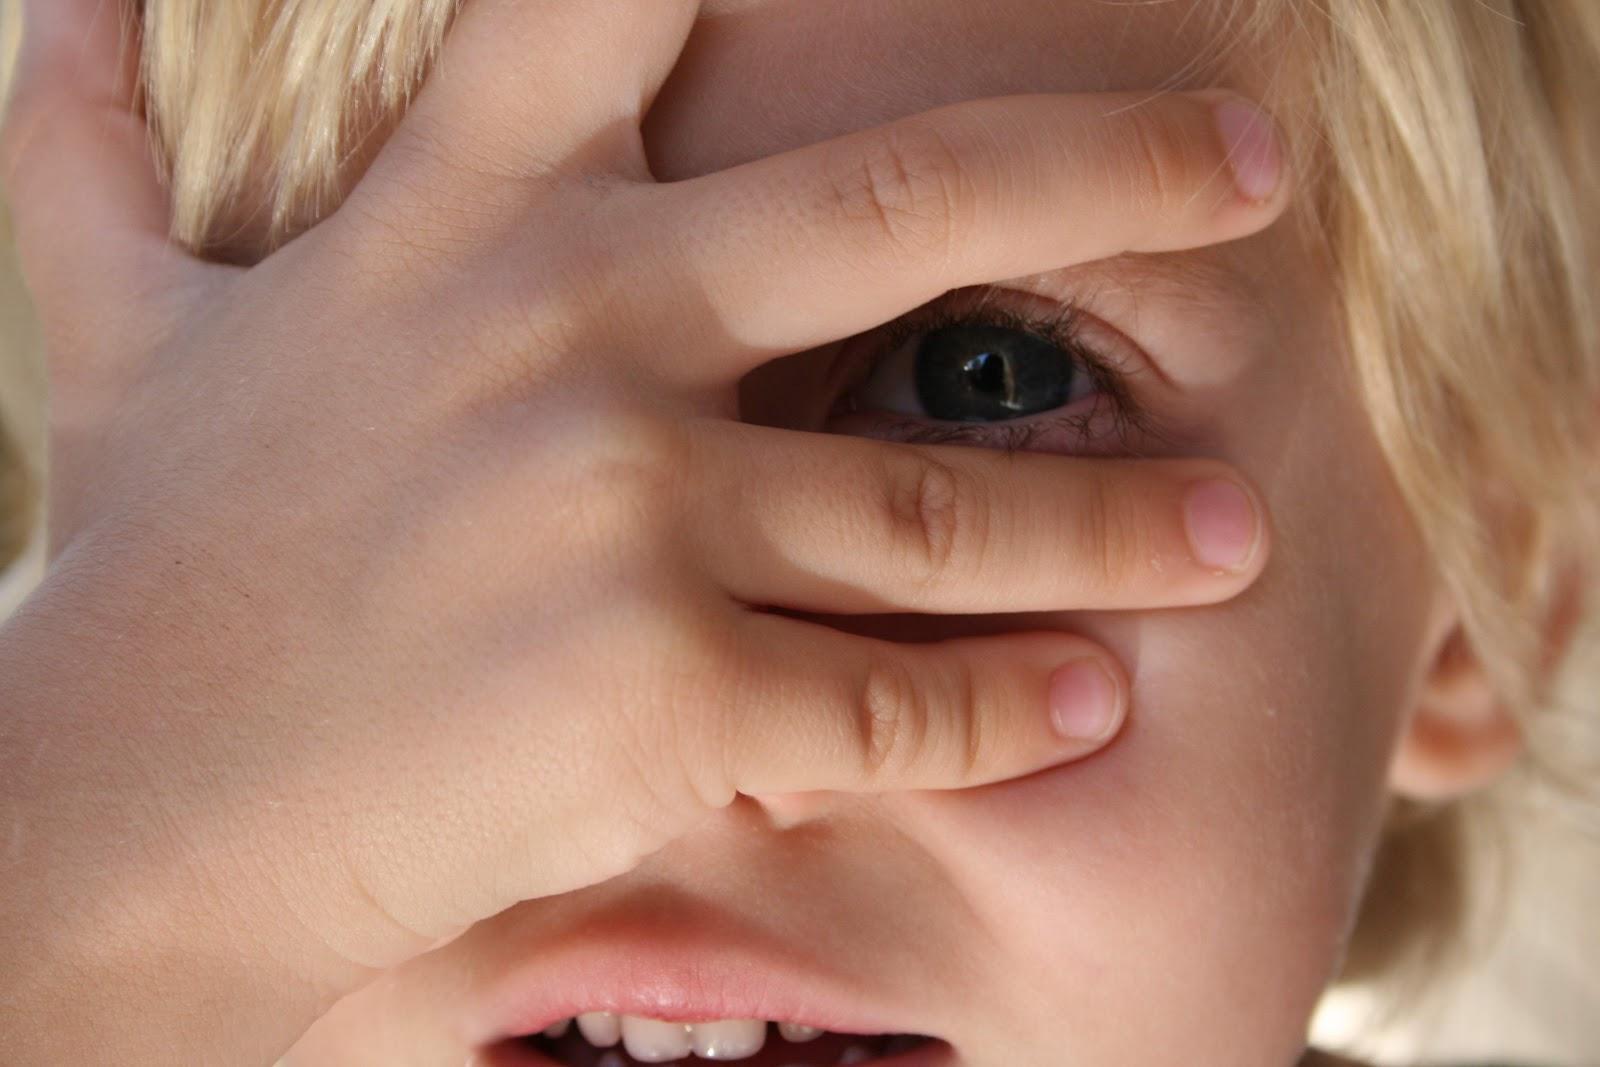 Uma Nova Tecnologia Permite Detectar as Mentiras Através dos Olhos